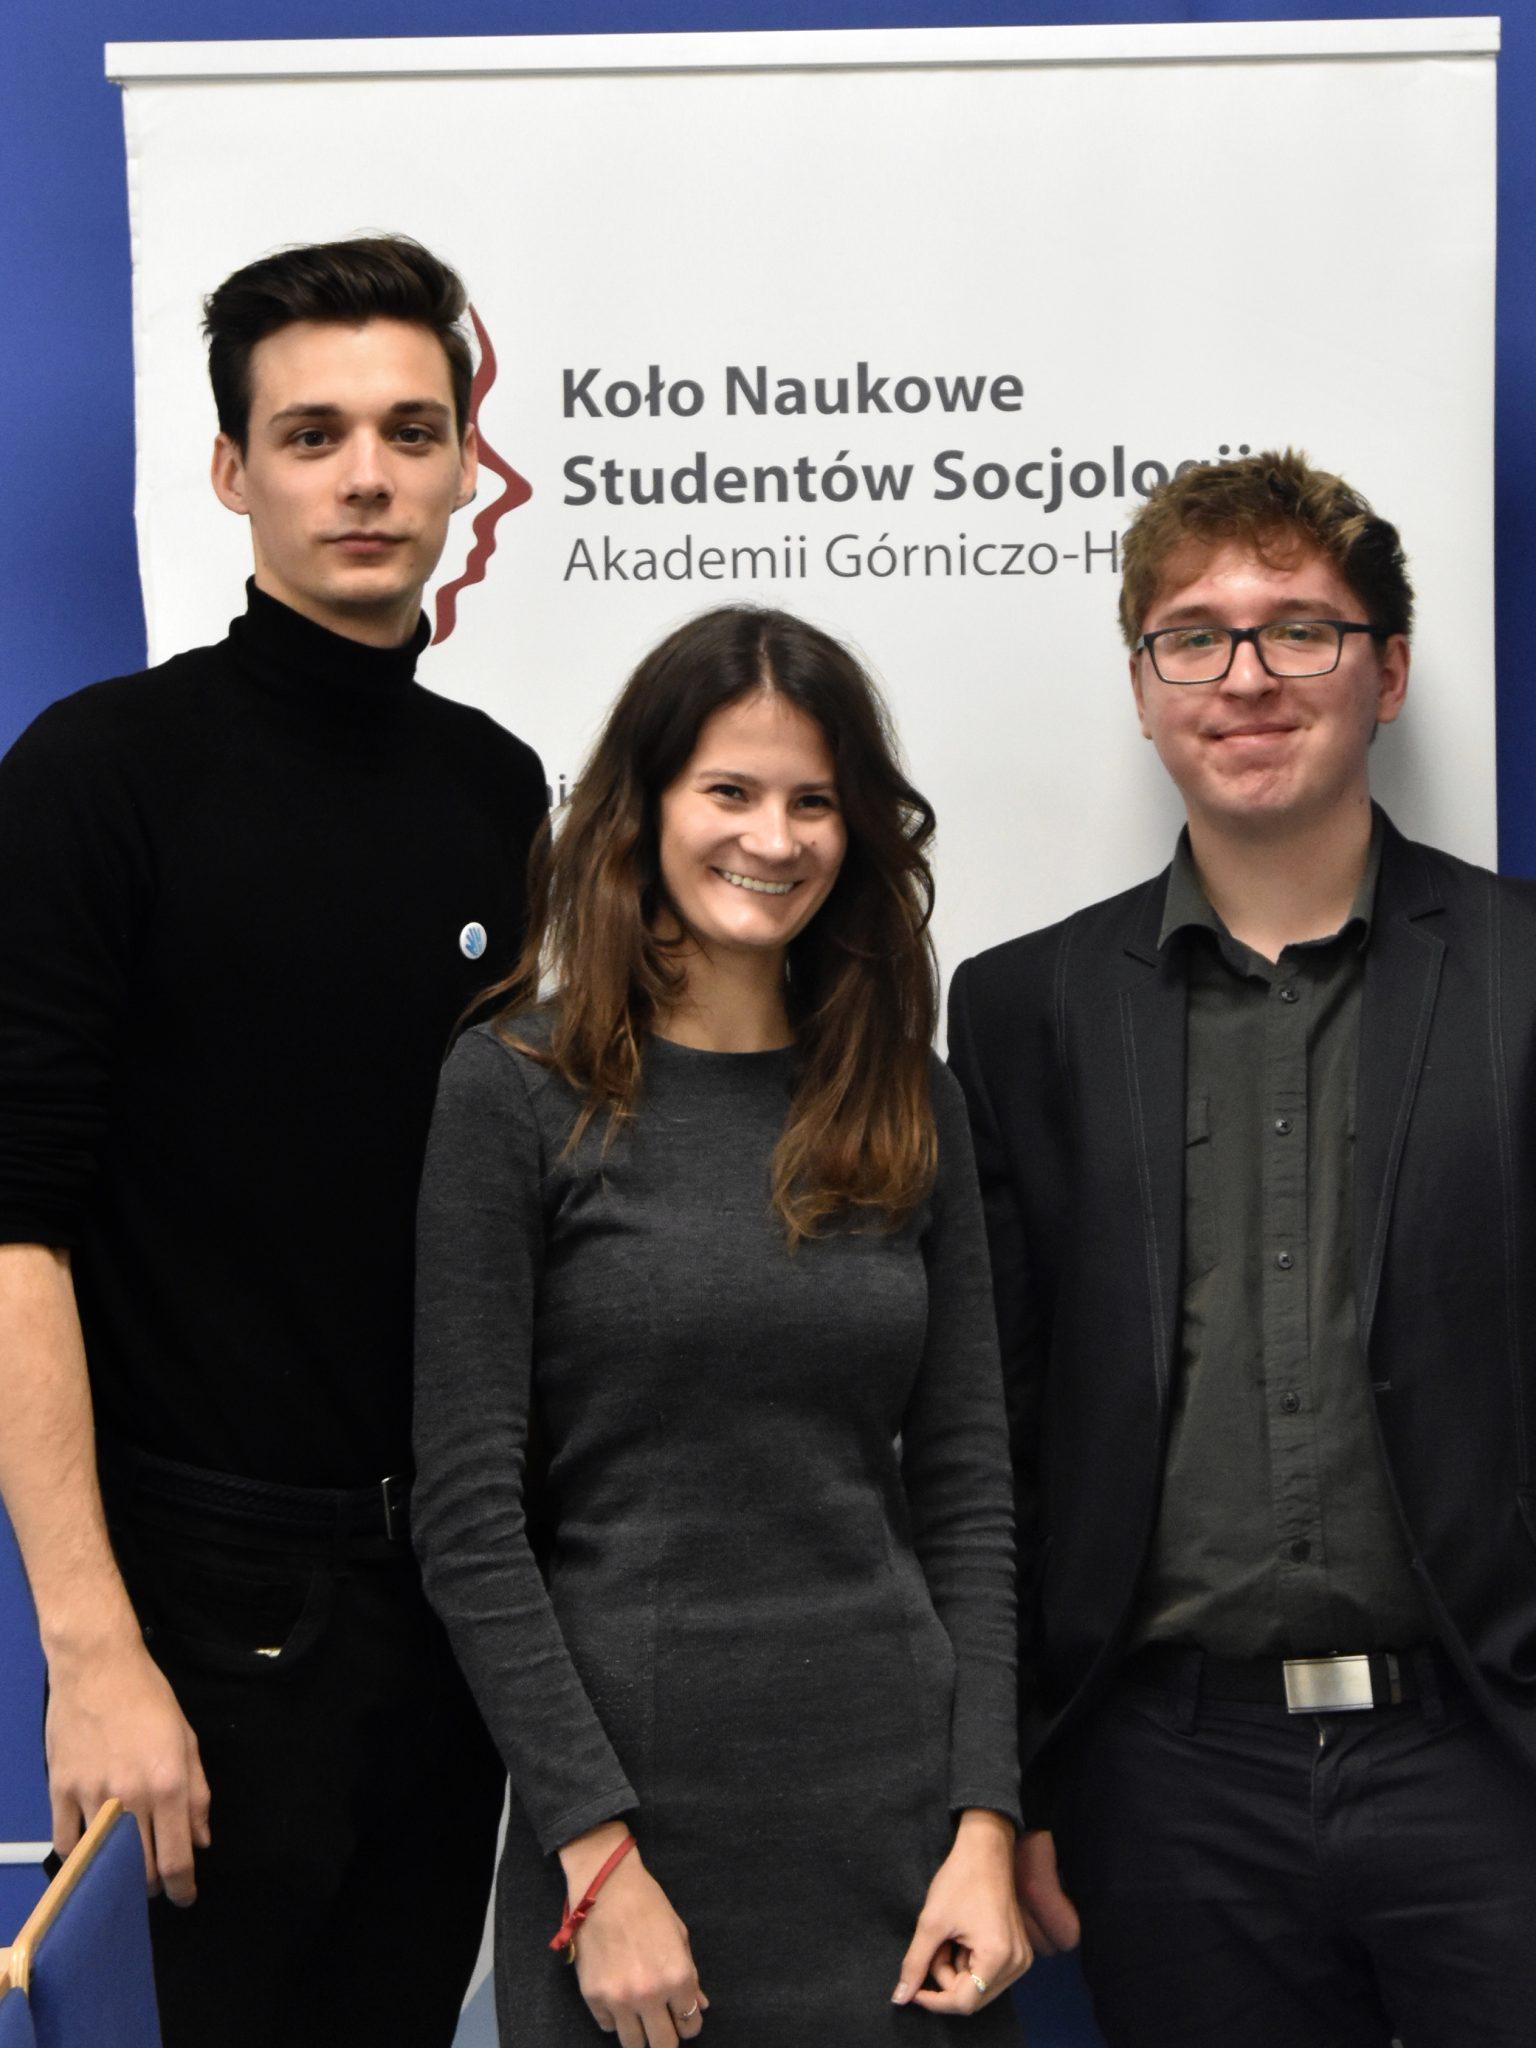 Kamil Motyka, Karolina Pach, Sebastian Medoń – Wydział Humanistyczny AGH